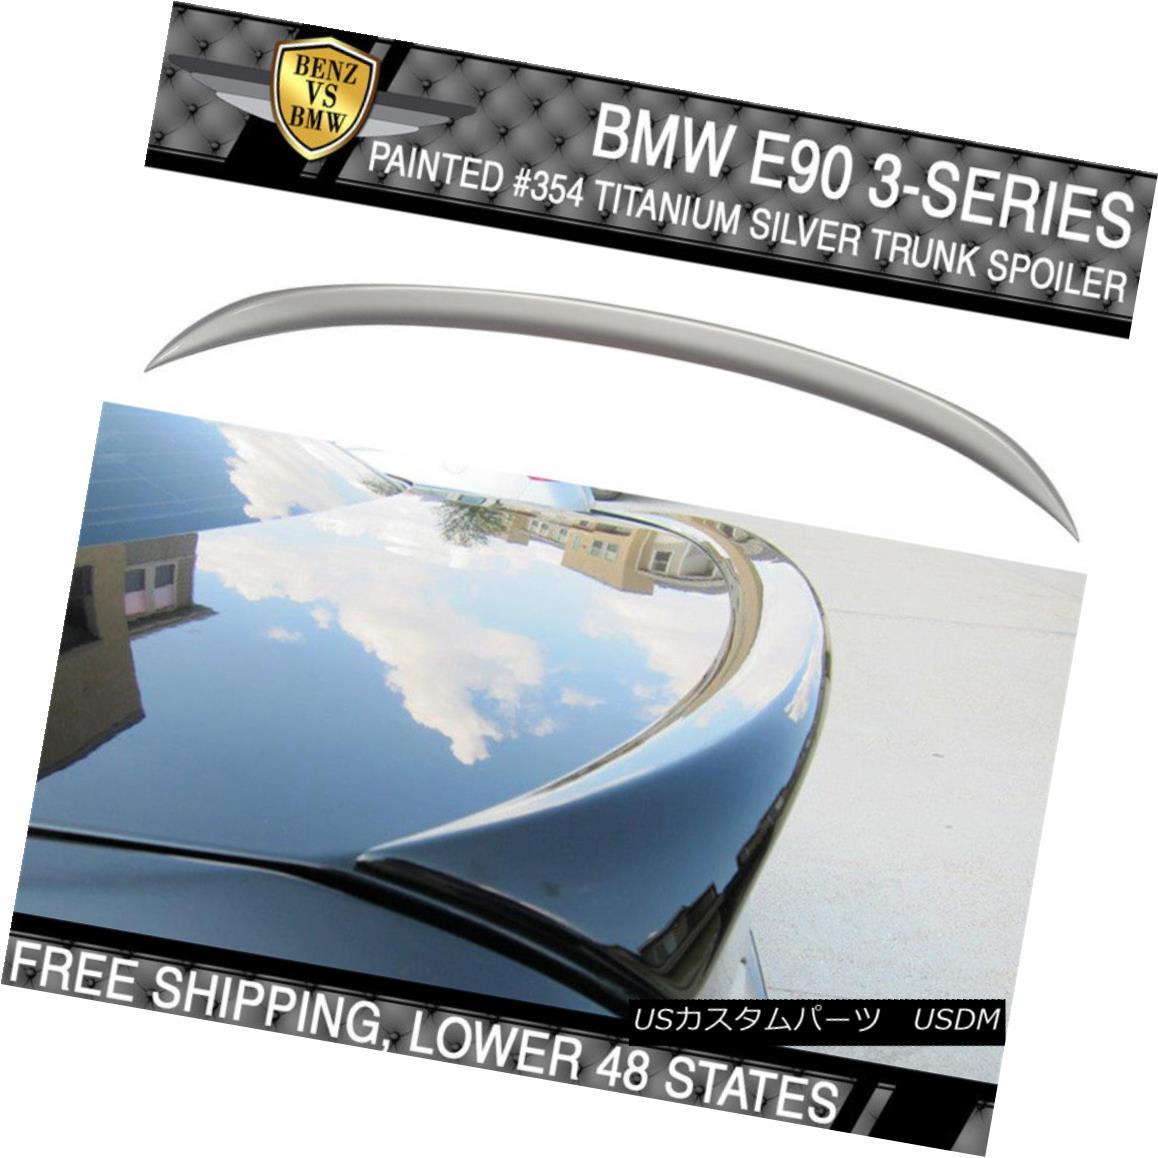 エアロパーツ 06-11 BMW 3 Series E90 OE #354 Titanium Silver Metallic Painted Trunk Spoiler 06-11 BMW 3シリーズE90 OE#354チタンシルバーメタリック塗装トランクスポイラー